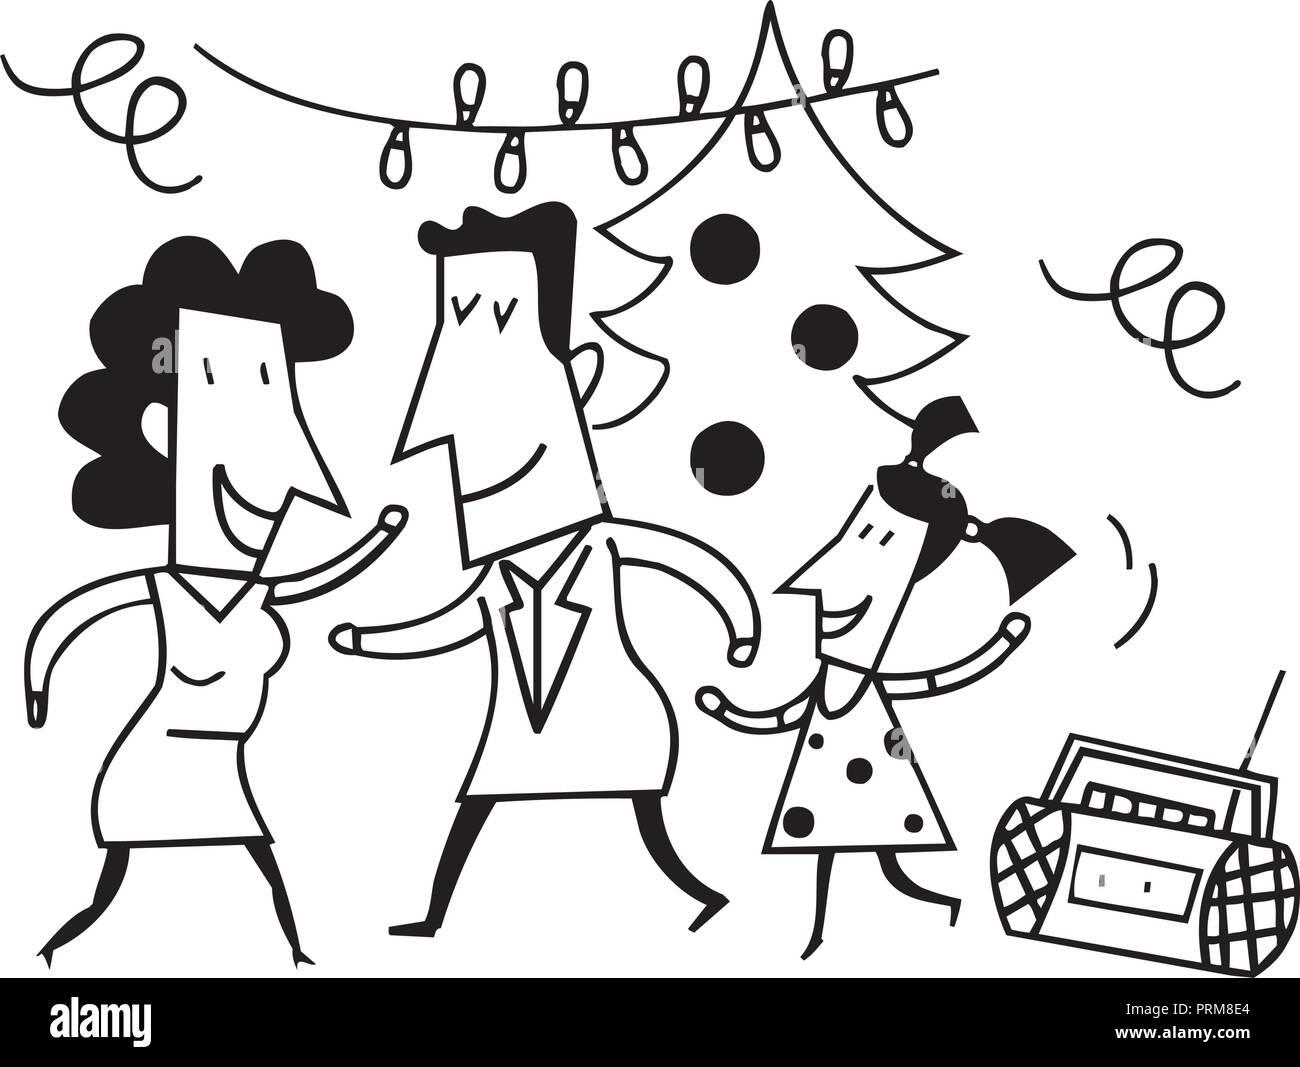 Festa Di Famiglia Cartoni Animati Disegno Di Schizzo Illustrazione